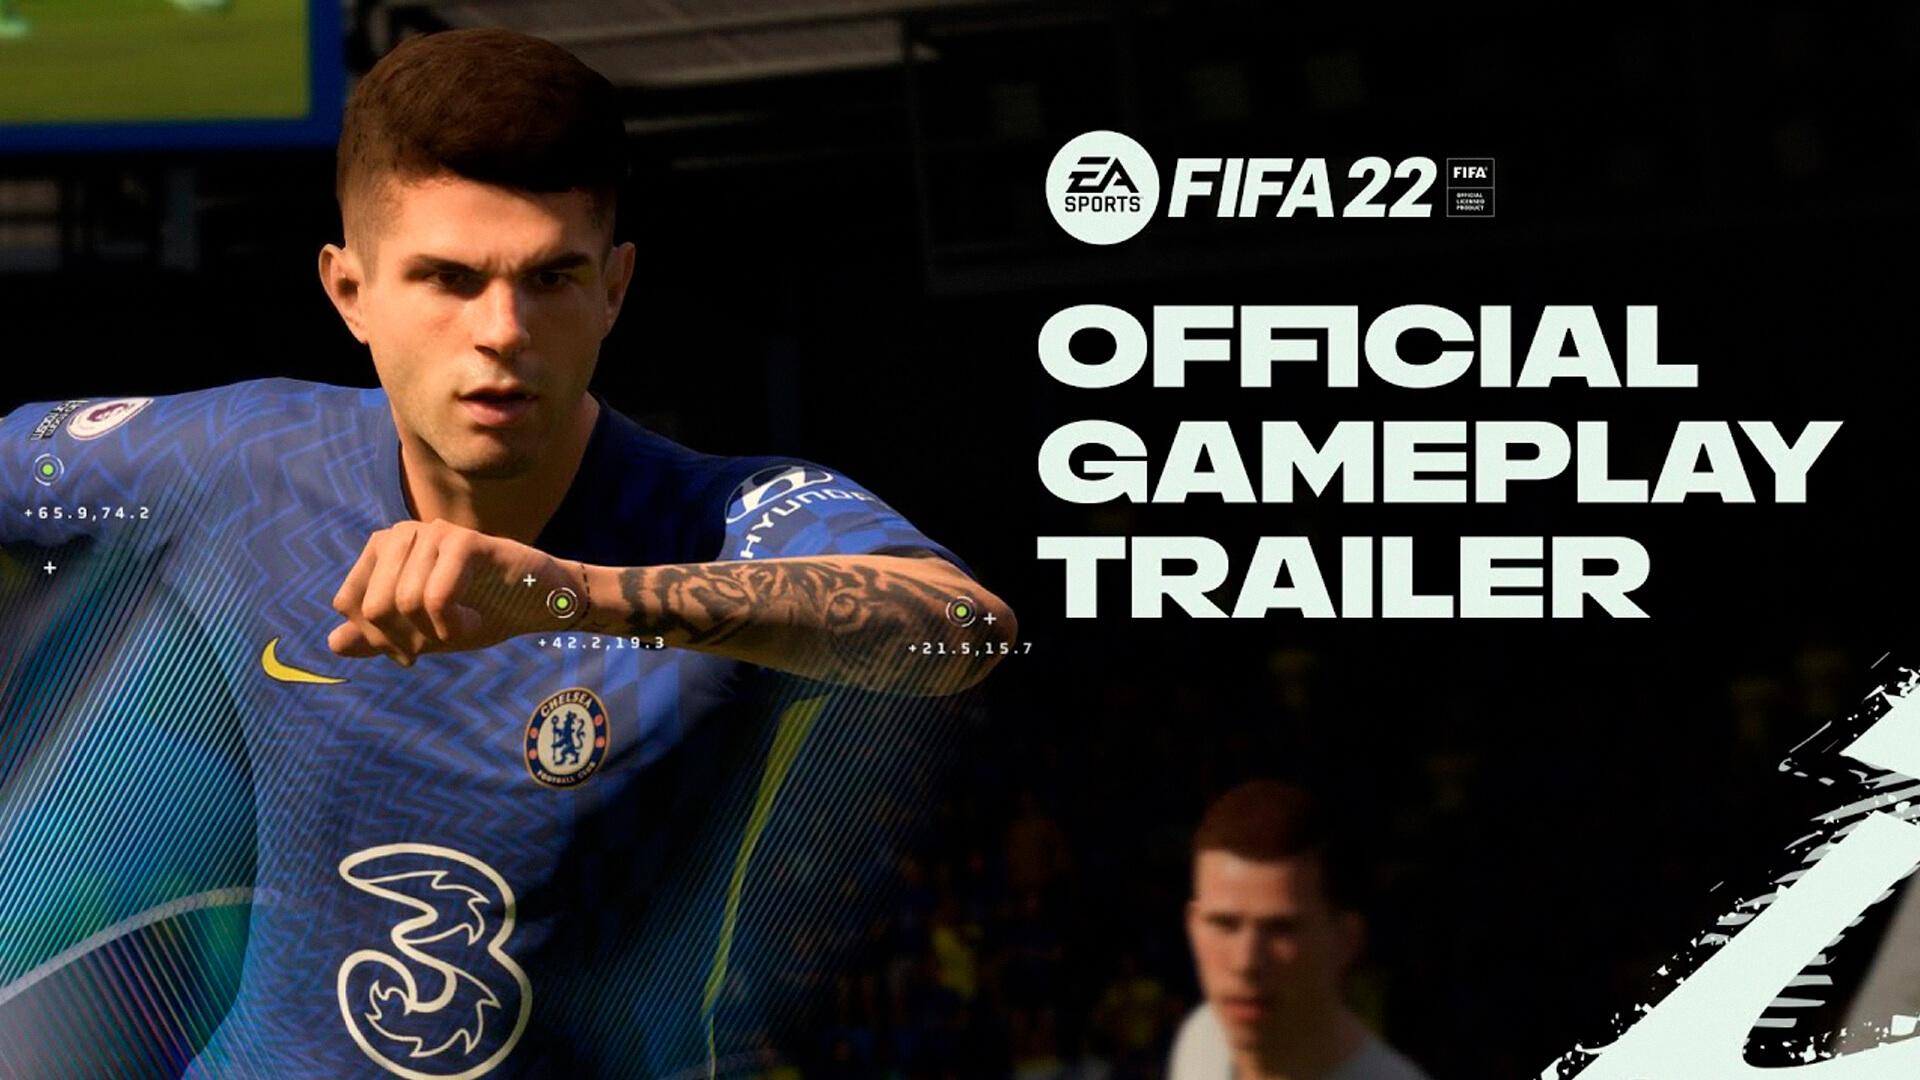 A EA Sports já anunciou as principais novidades do gameplay de FIFA 22 para as plataformas da nova geração durante o último EA Play.